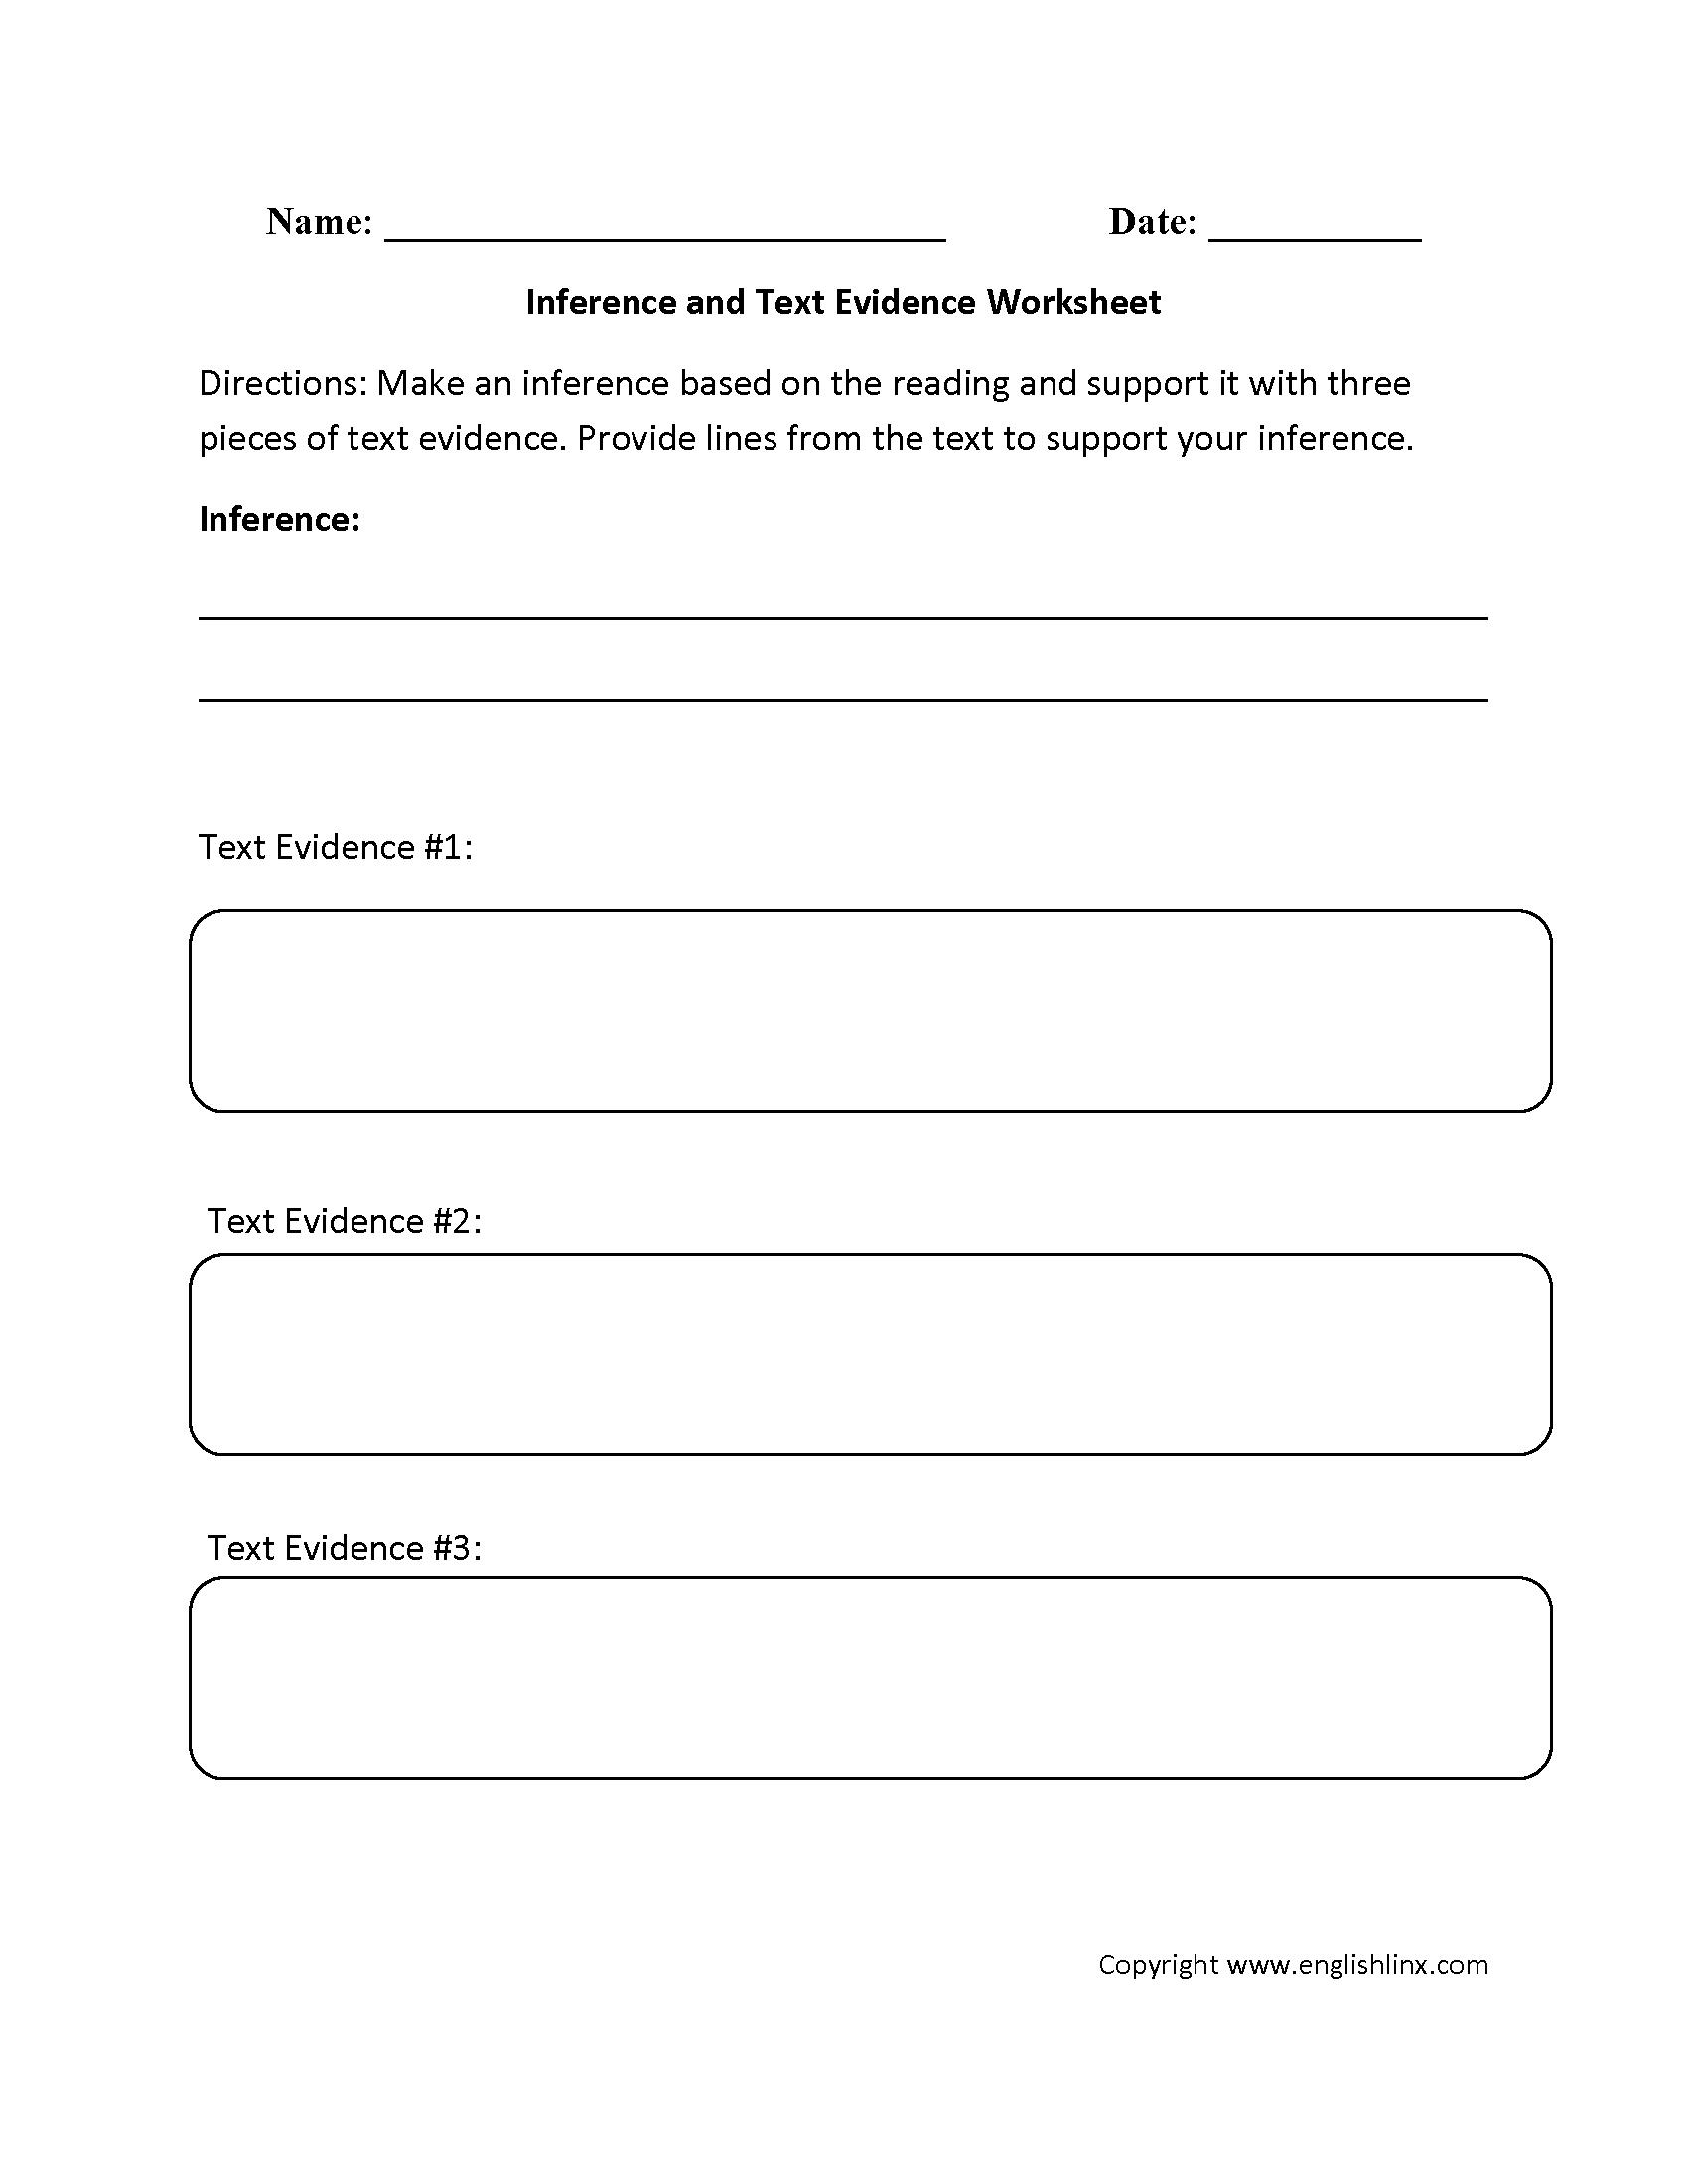 Worksheets Inference Worksheets Middle School inference text evidence worksheets lit lessons pinterest worksheets